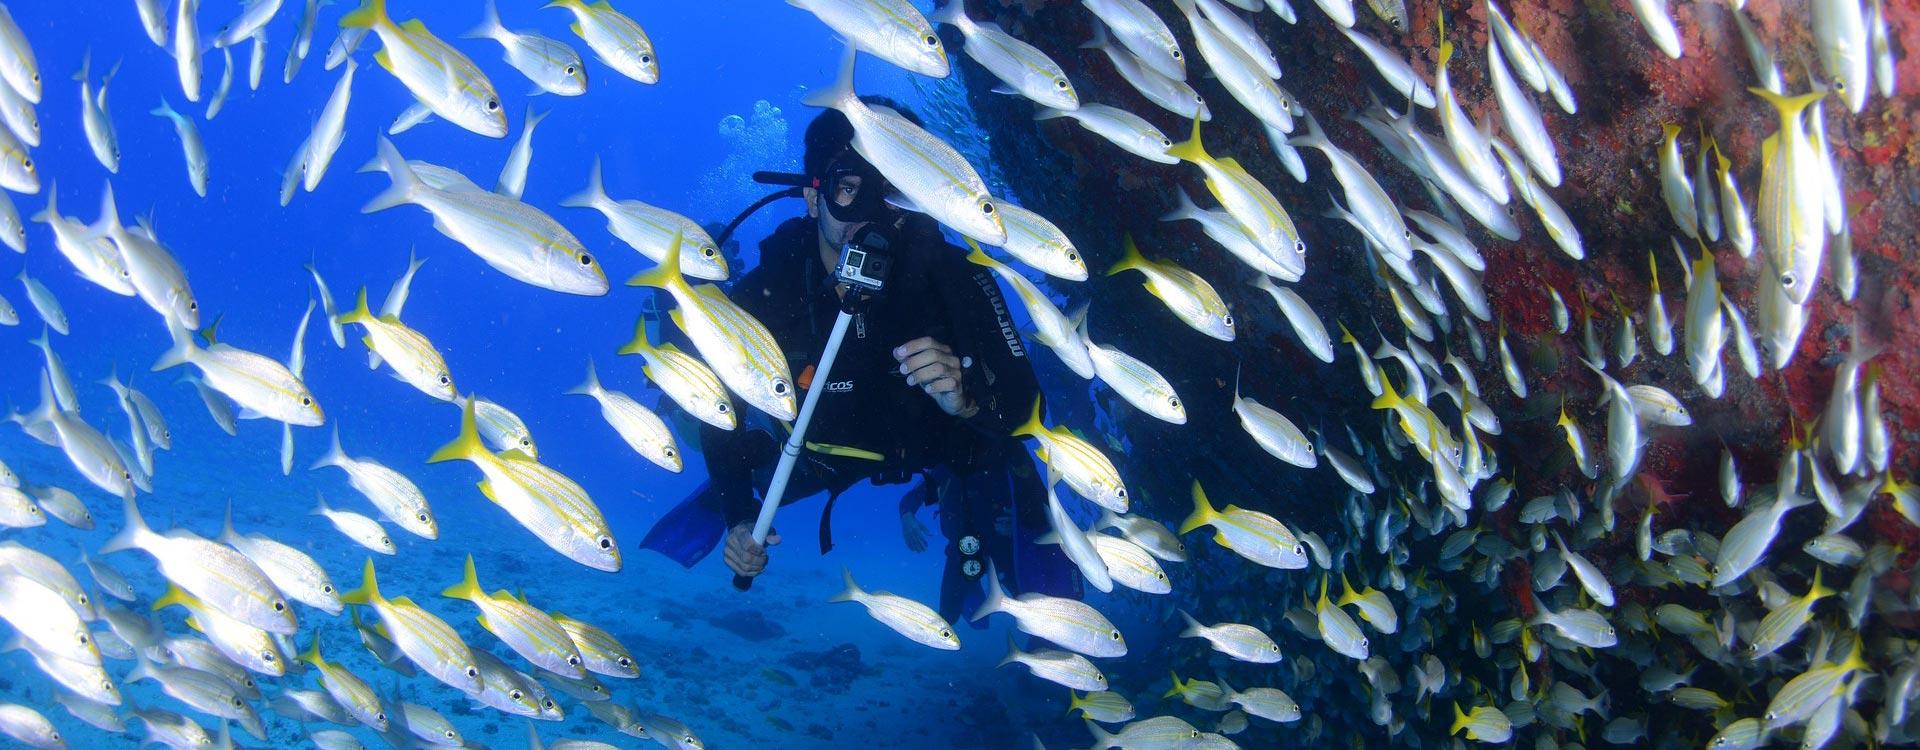 Turista buceando en Don Pedro (Ibiza) rodeado de peces